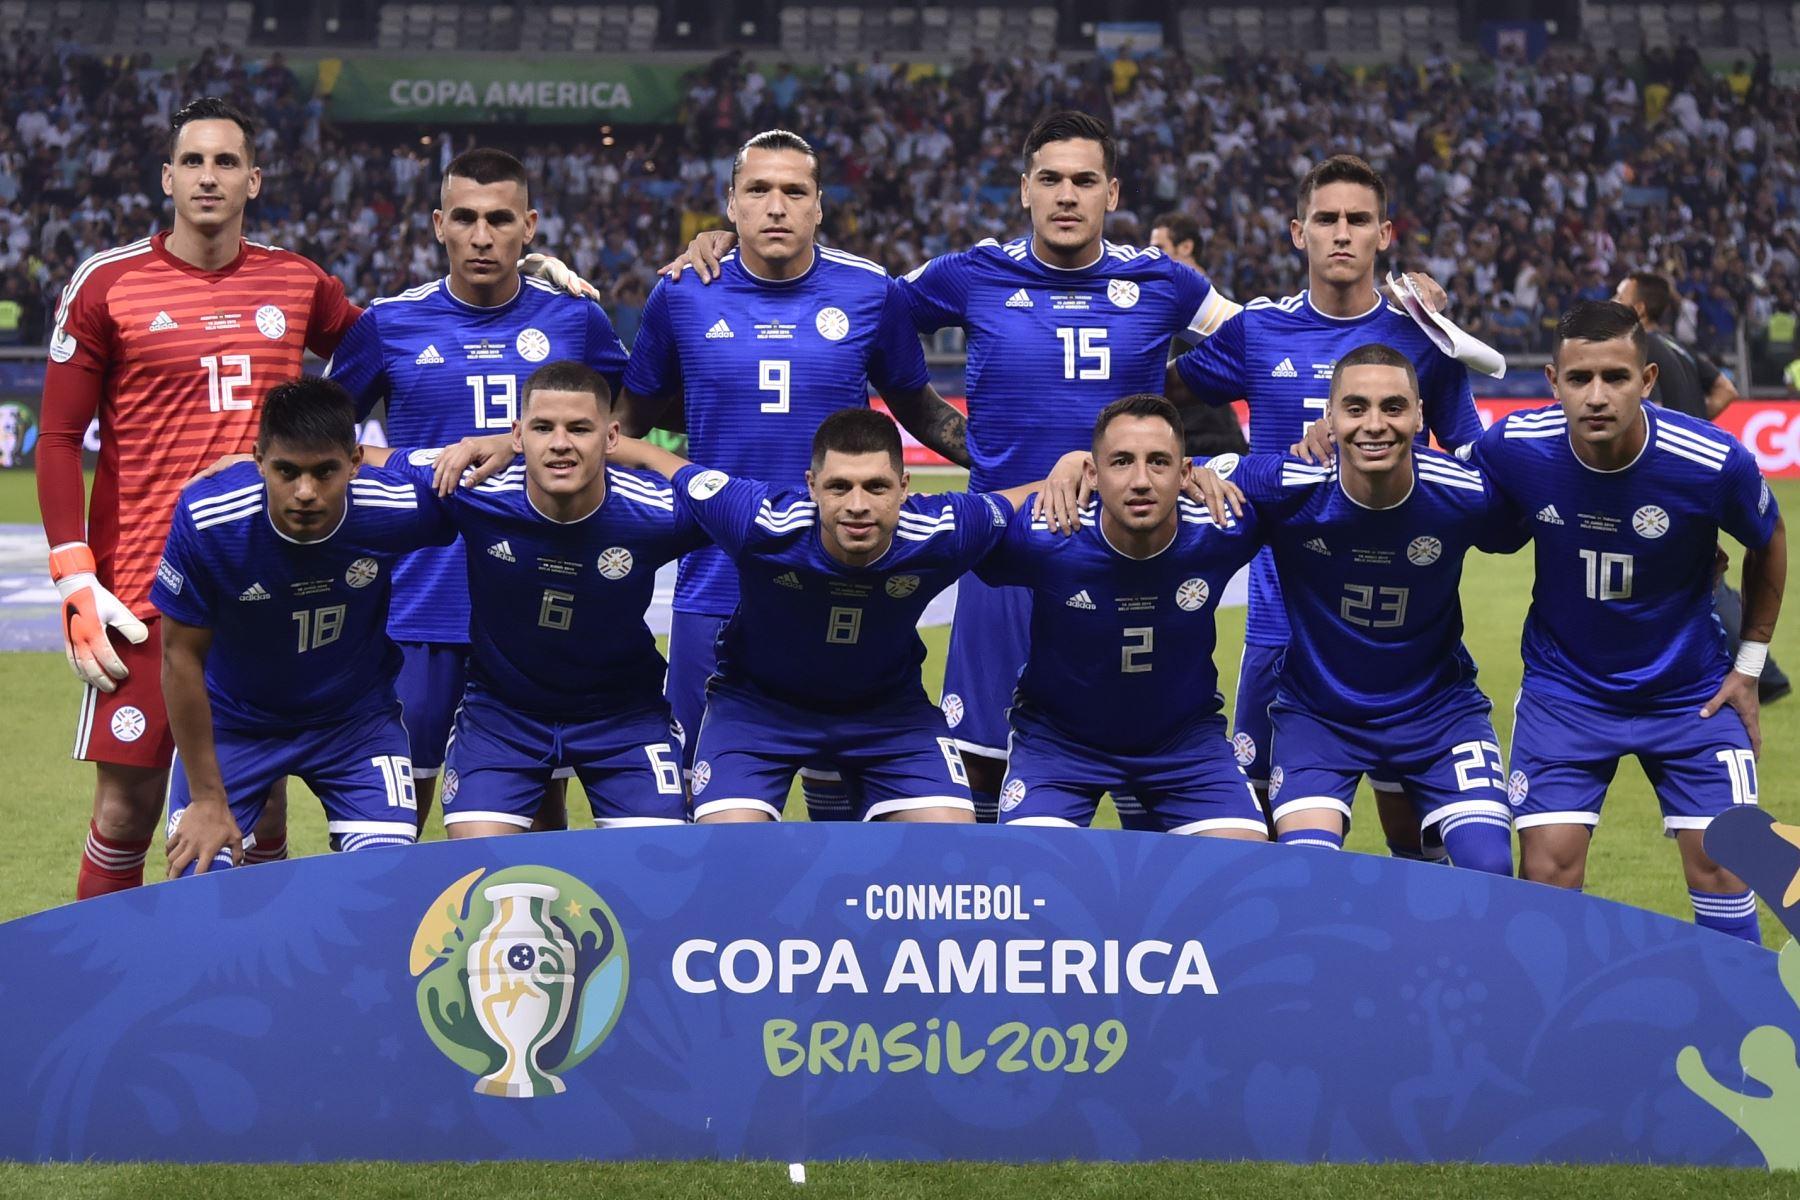 Los jugadores de Paraguay posan para las fotos antes de su partido de torneo de fútbol de la Copa América contra Argentina en el estadio Mineirao en Belo Horizonte, Brasil. Foto: AFP